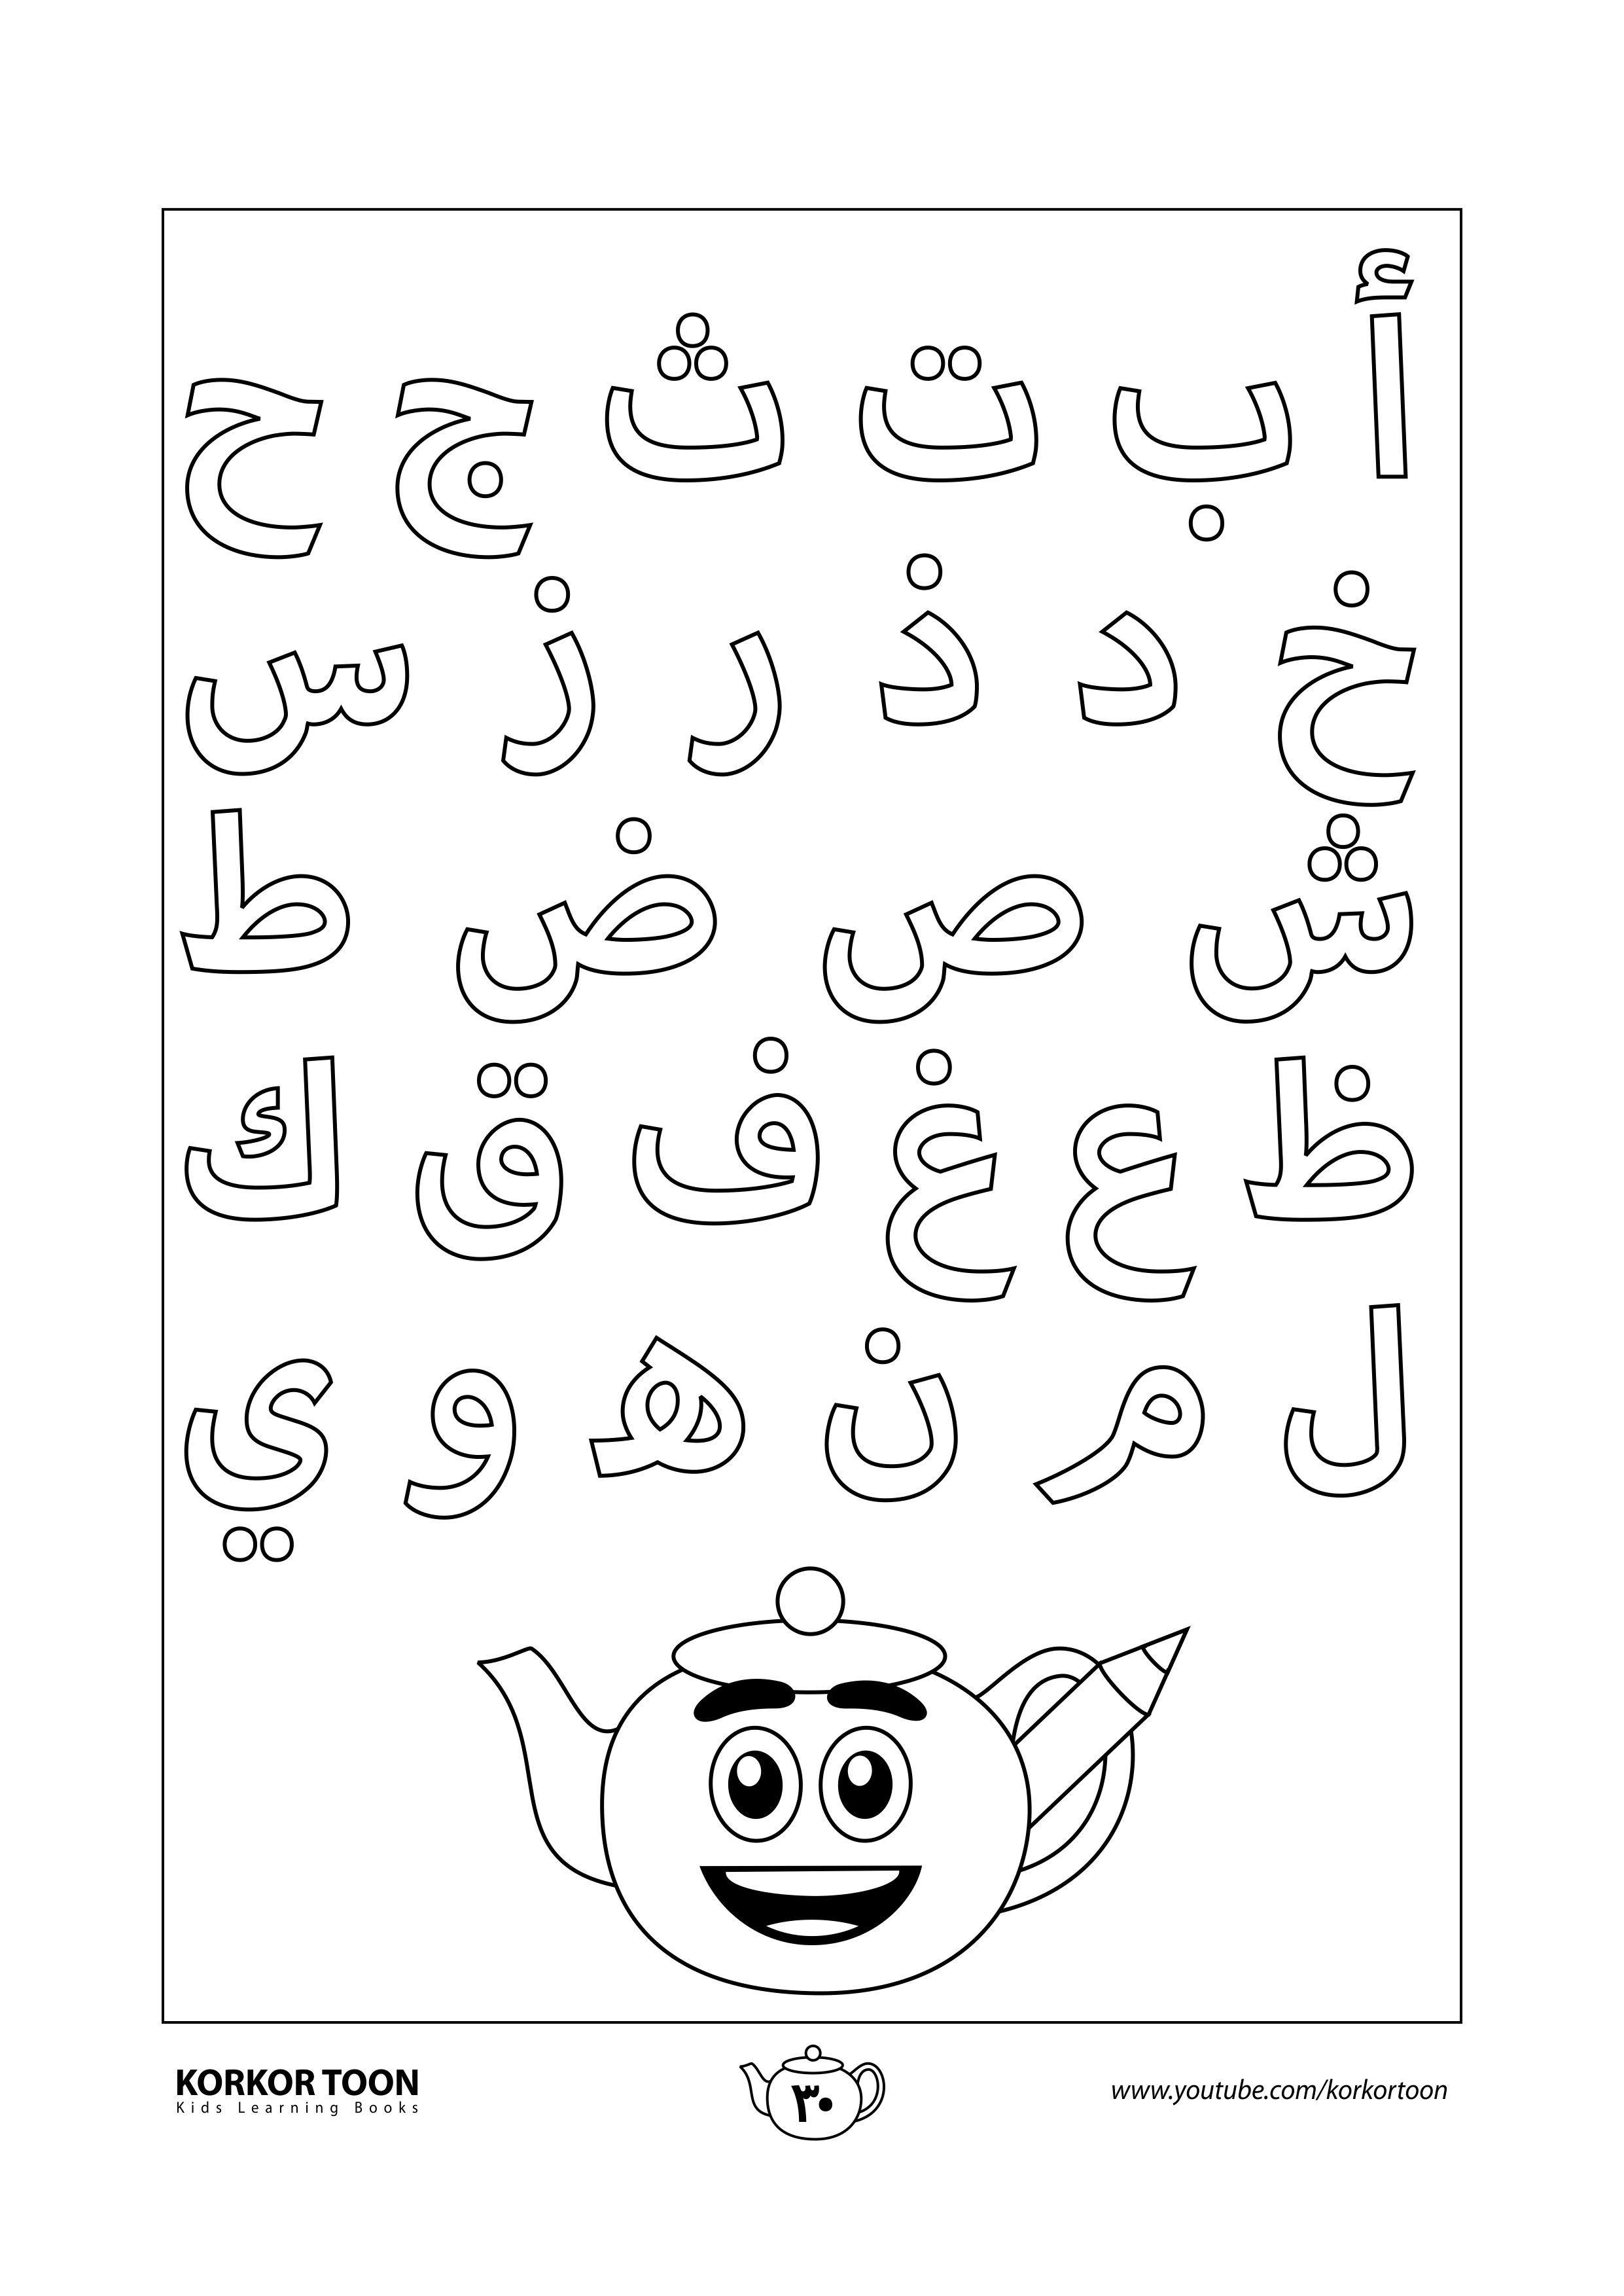 صفحة تلوين الحروف الأبجدية العربية كتاب تلوين الحروف العربية للأطفال Alphabet Worksheets Preschool Alphabet Tracing Worksheets Alphabet Worksheets